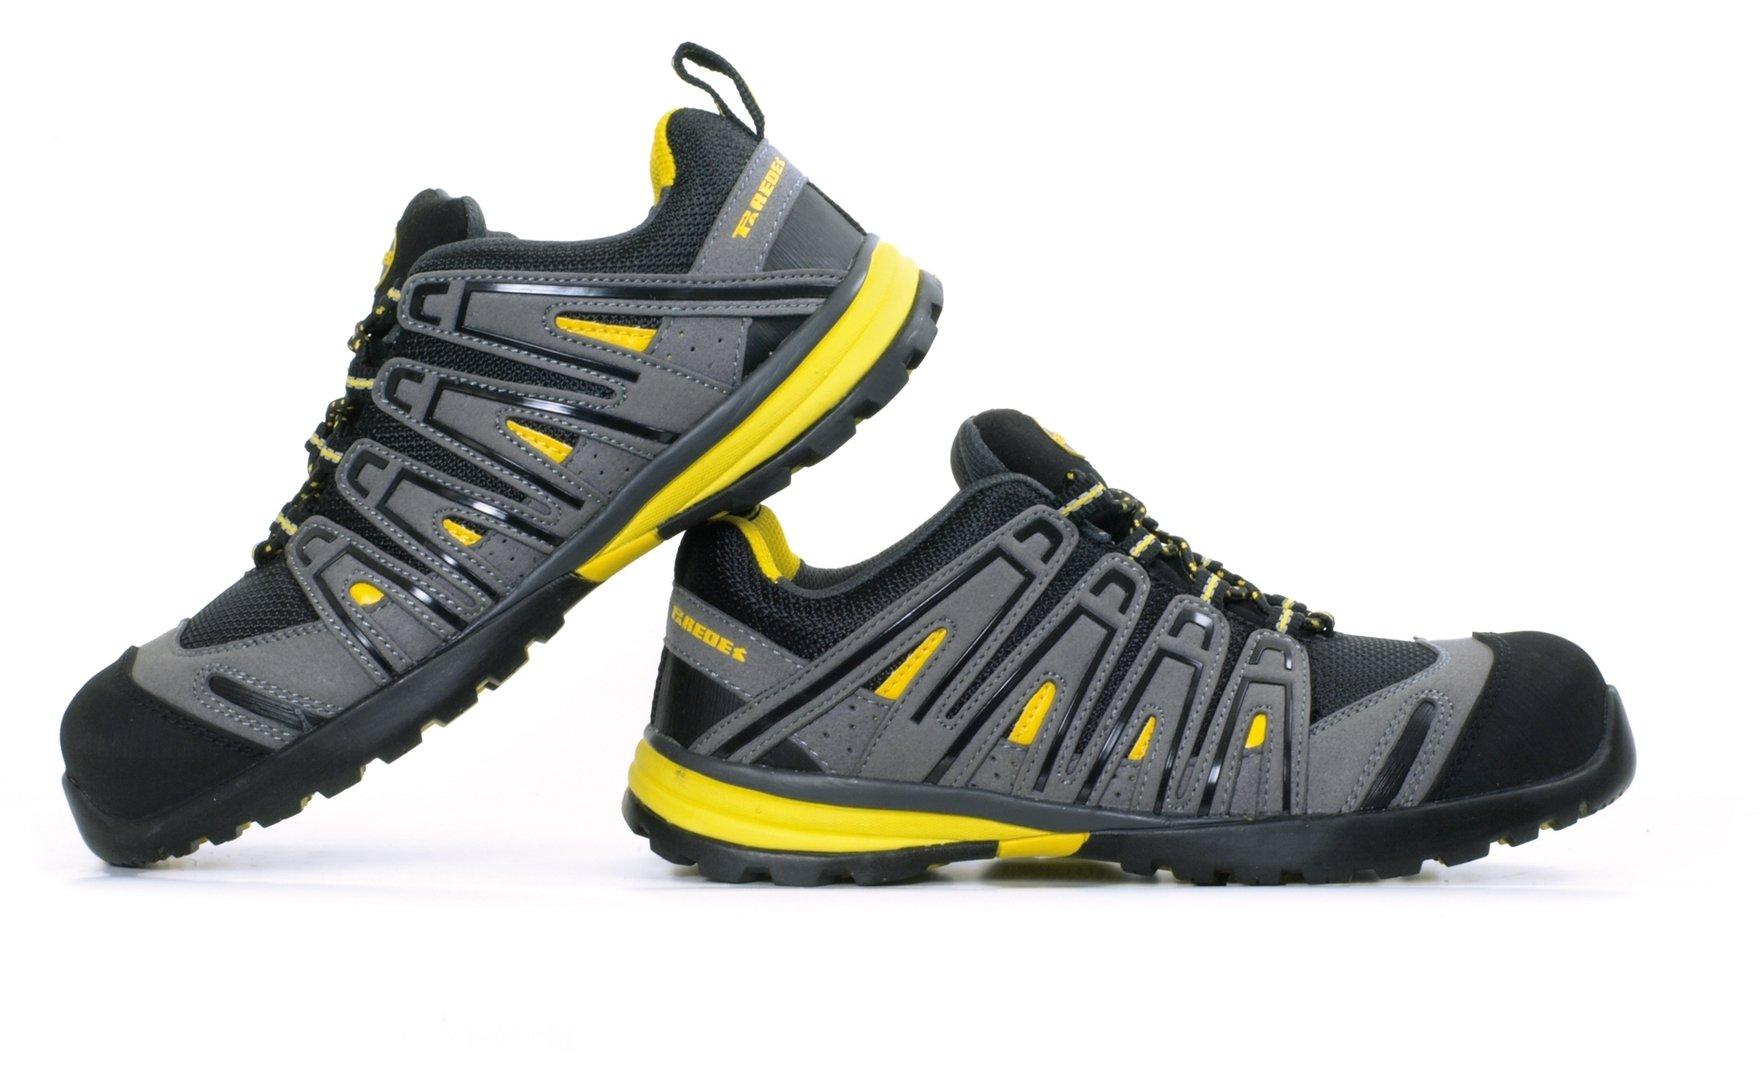 0322a56075f36 Zapato de Seguridad PAREDES Helio · Zapato de Seguridad PAREDES Helio